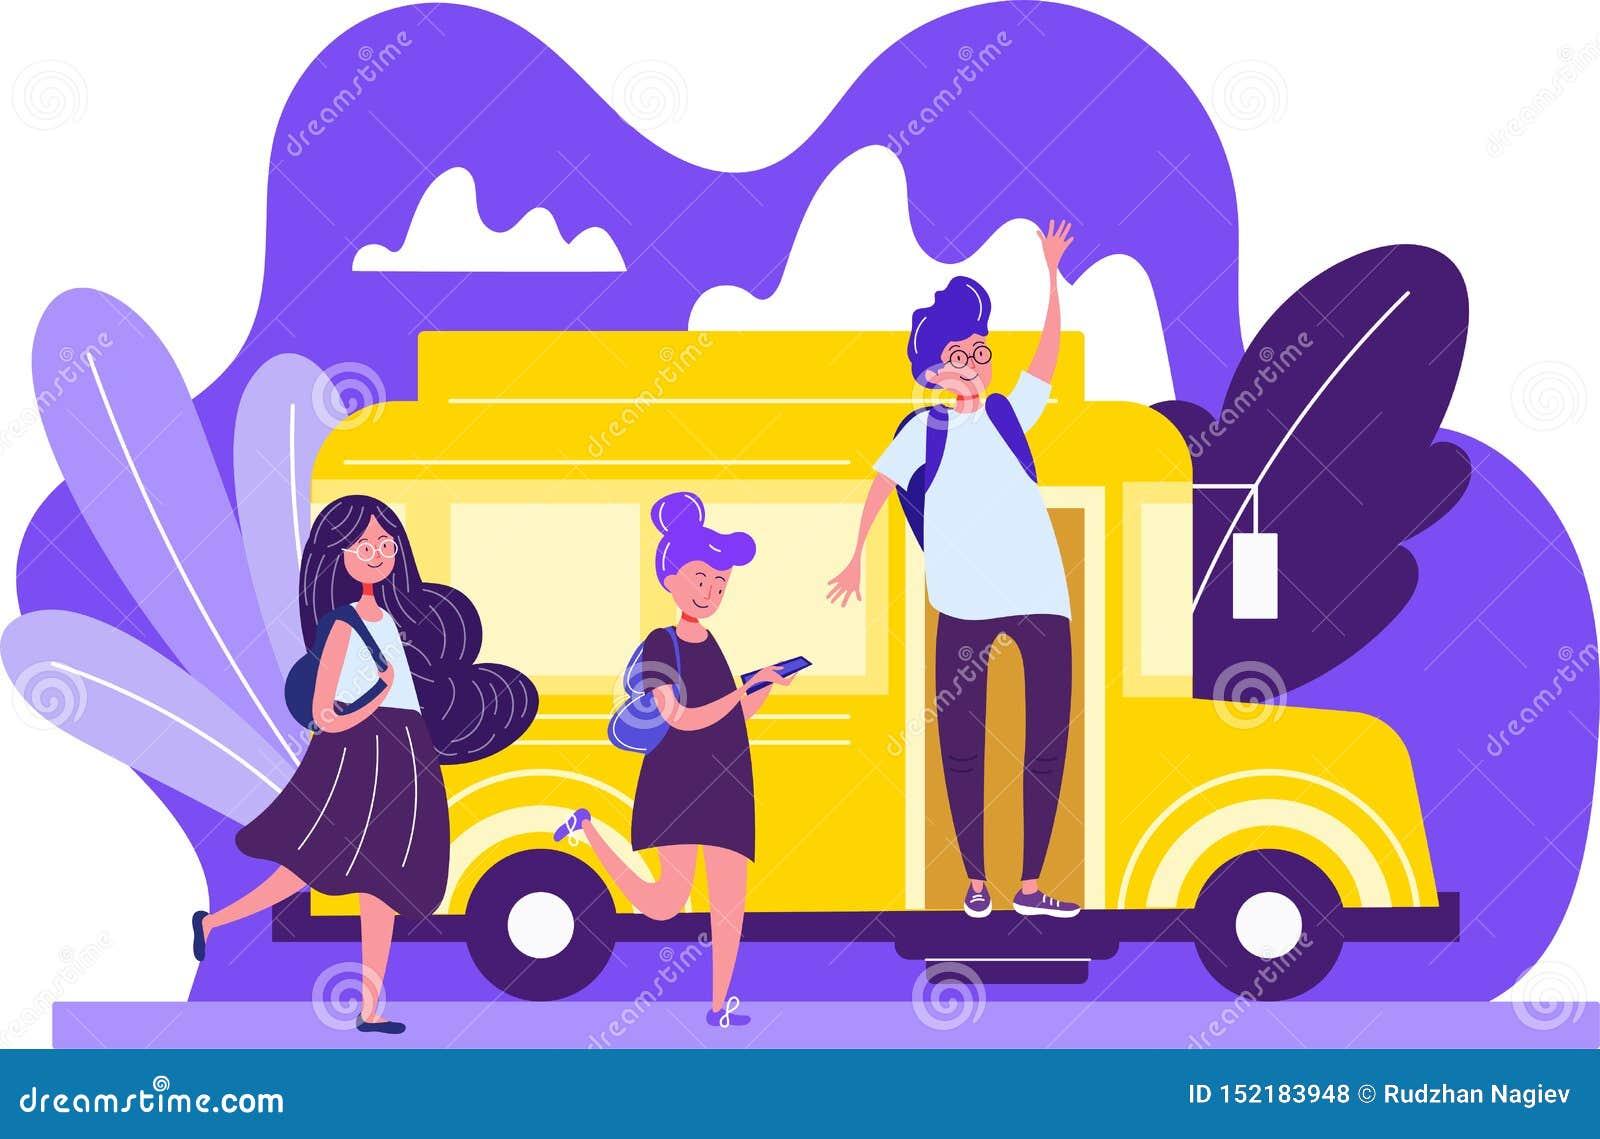 Dibujo colorido de alumnos en un autobús amarillo brillante con un hombre joven